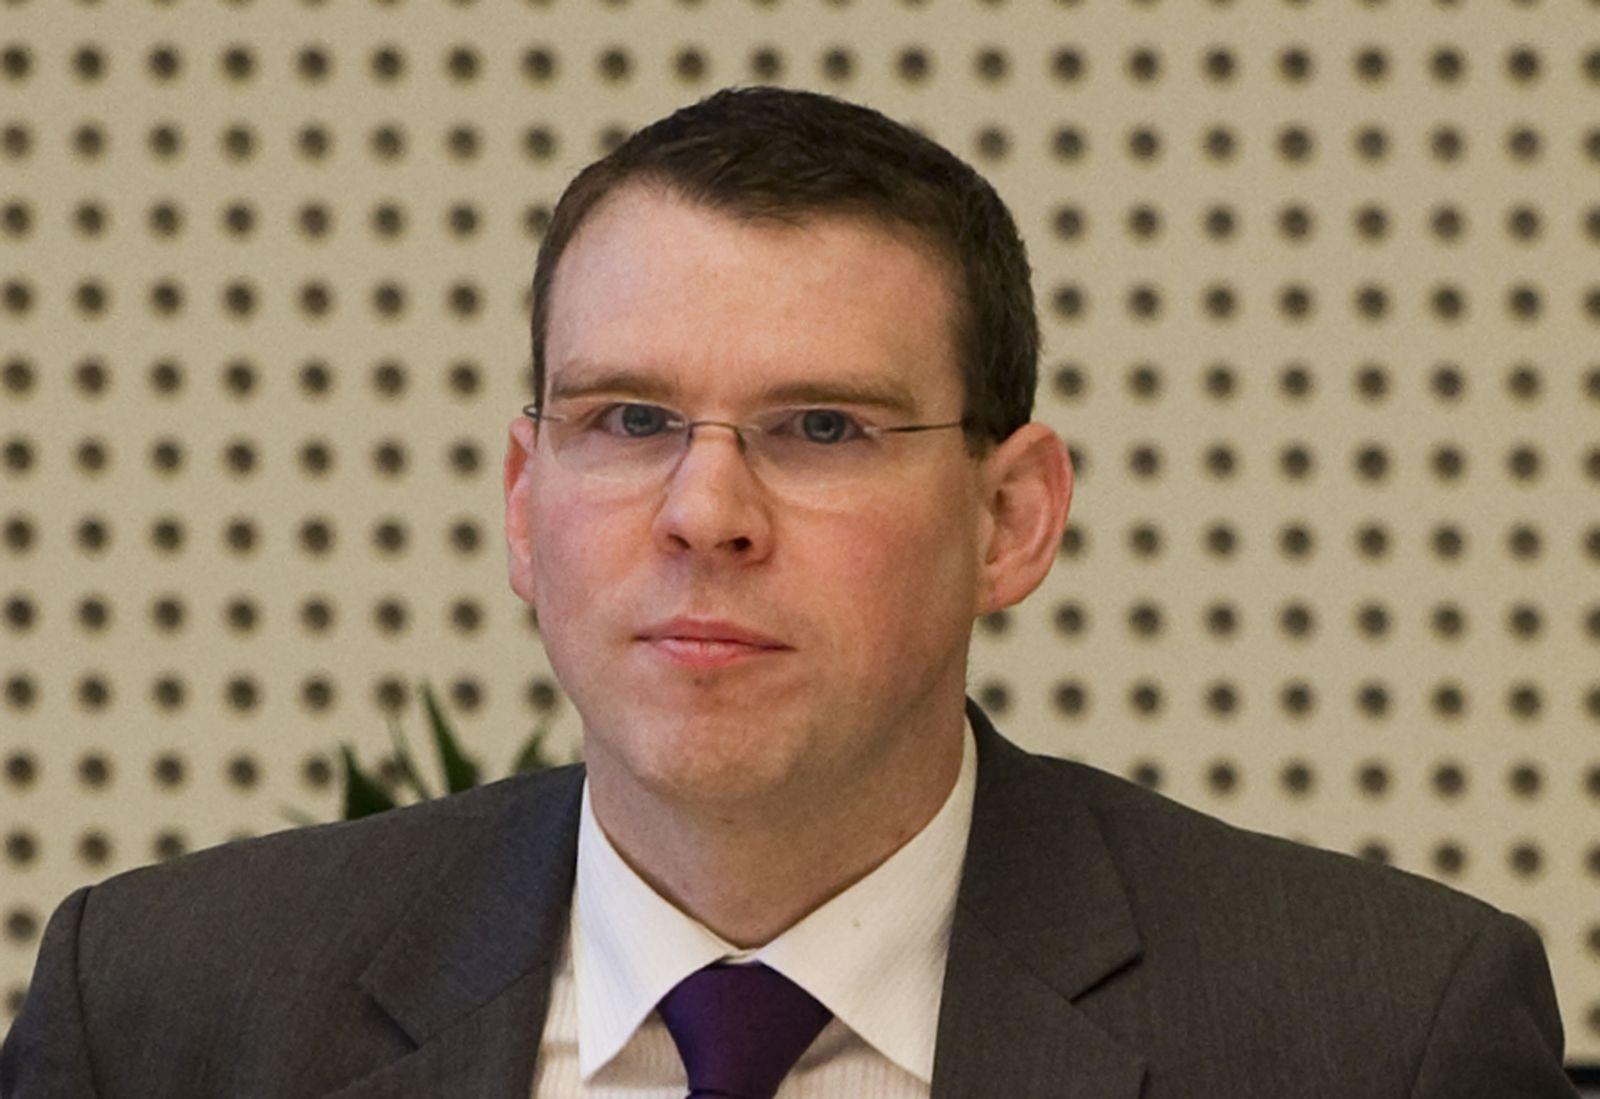 Florian Graf / CDU